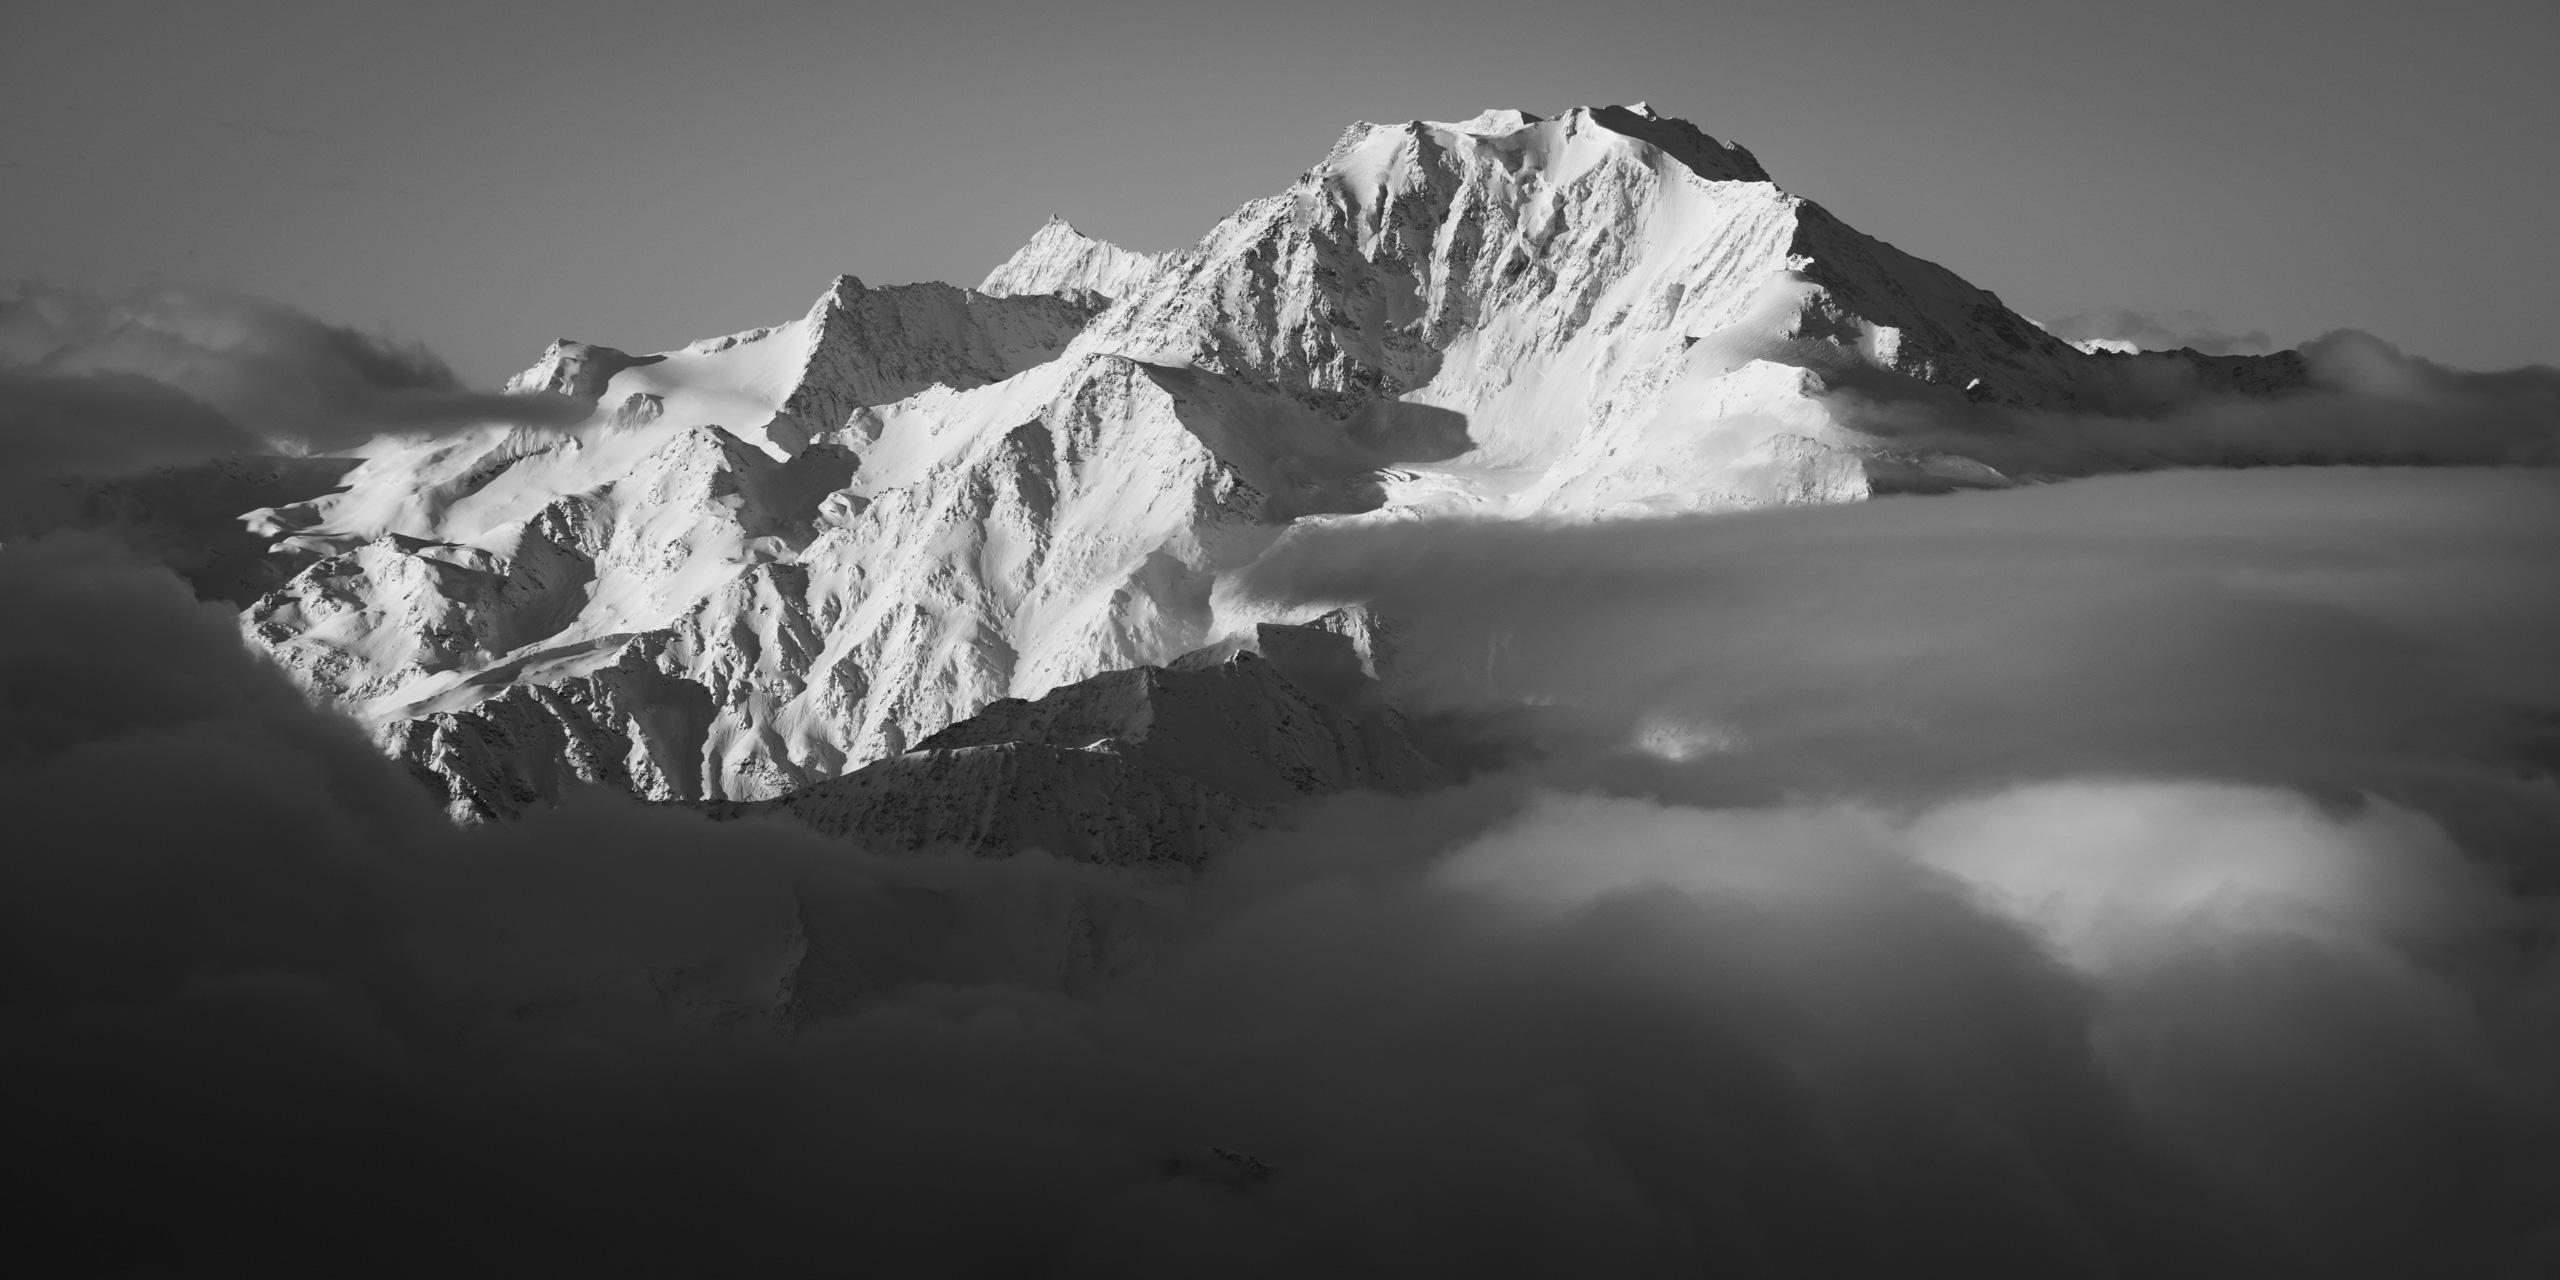 Photographie du Fletschhorn - Glaciers suspendus du Fletschorn - Montagne de Saas-Fee noir et blanc - Fletschorn face Est vu depuis la région d'Aletsch